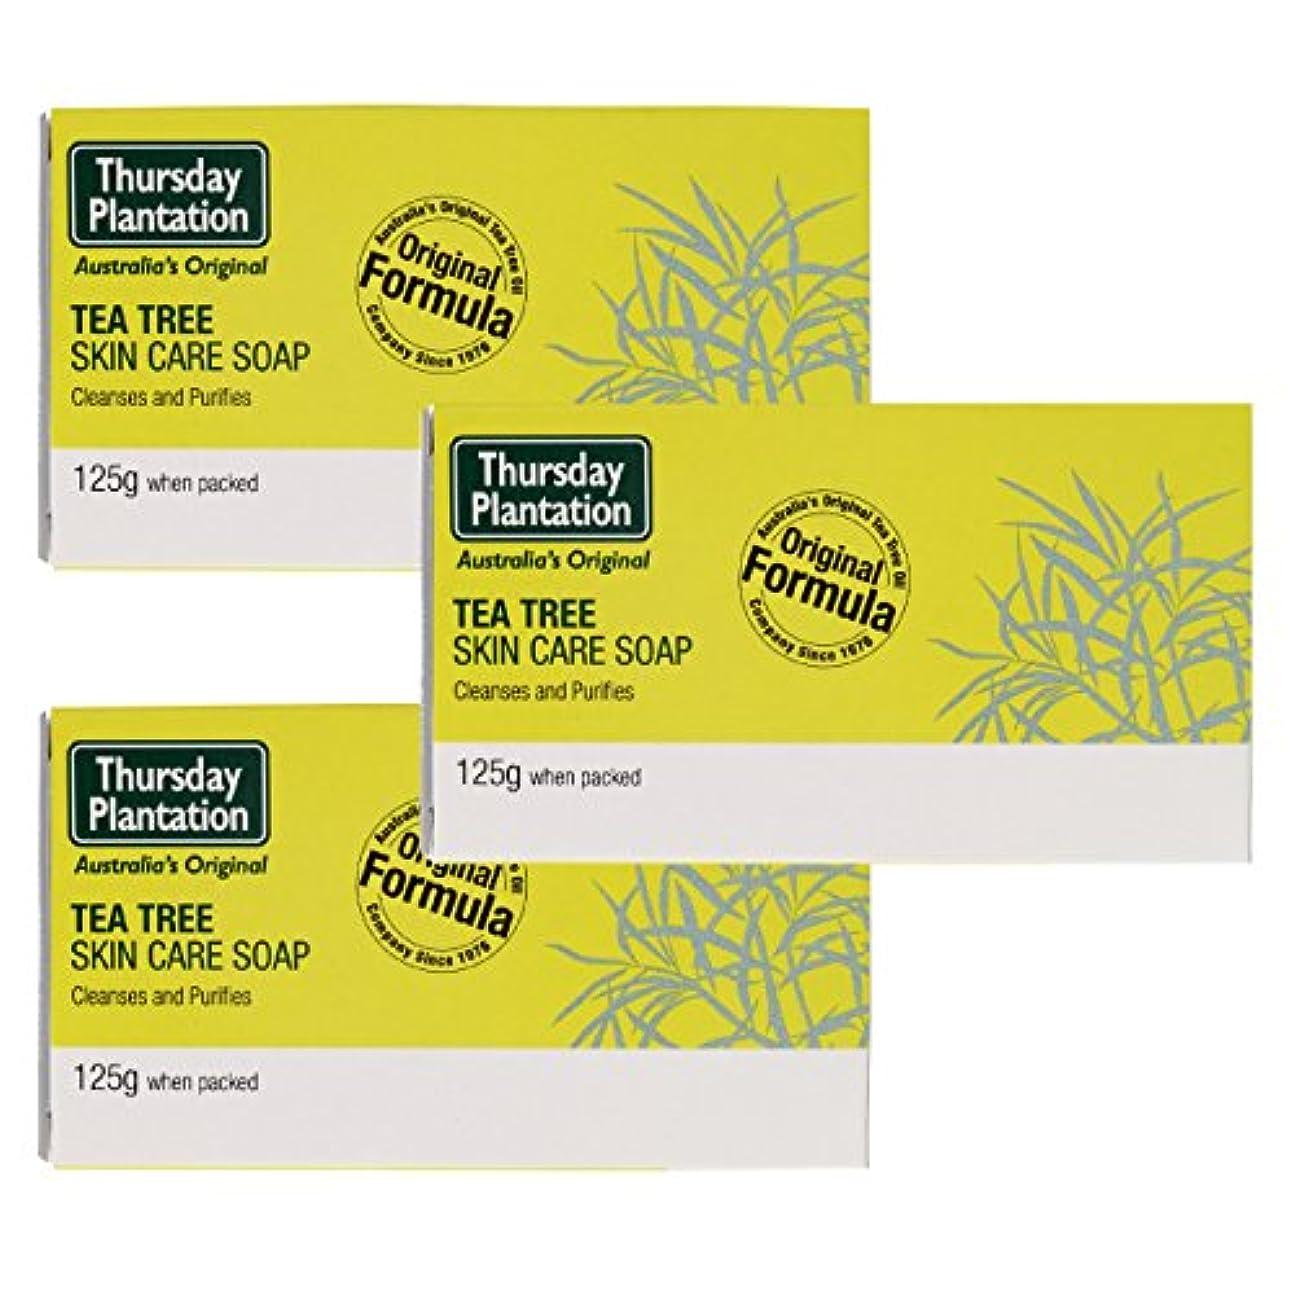 によって大臣摂氏度ティーツリー スキンケア ソープ 125g x3 Thursday Plantation Tea Tree Skin Care Soap [並行輸入品]